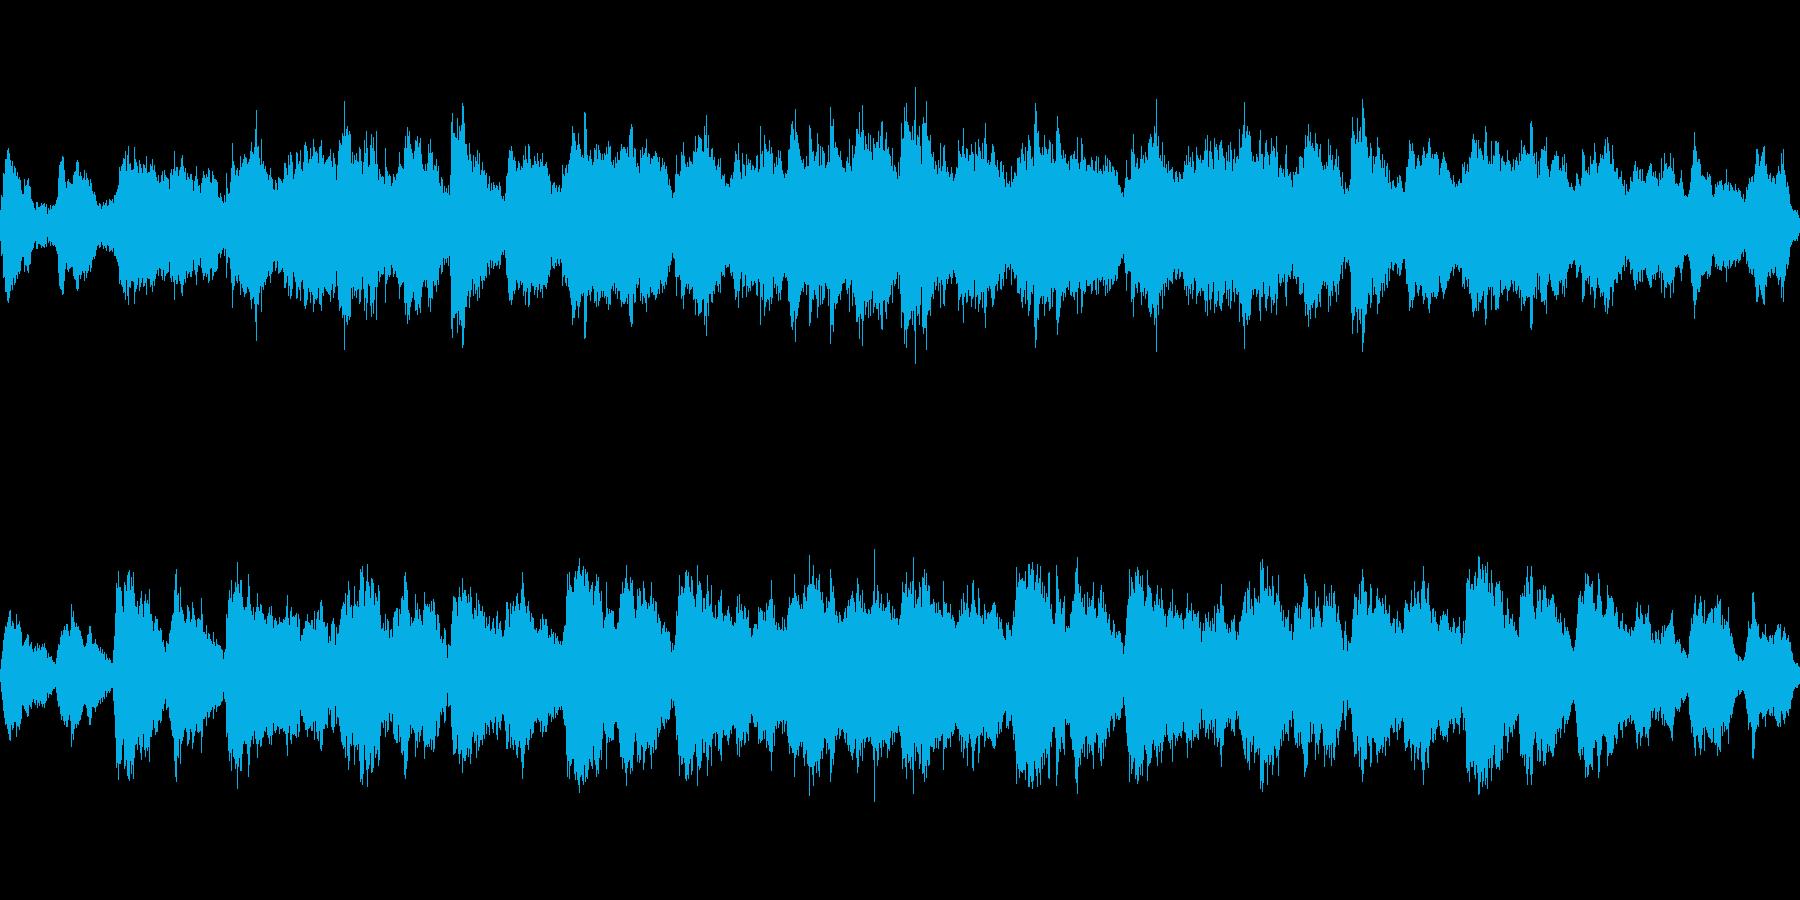 透明感、浮遊感のあるアンビエントループの再生済みの波形